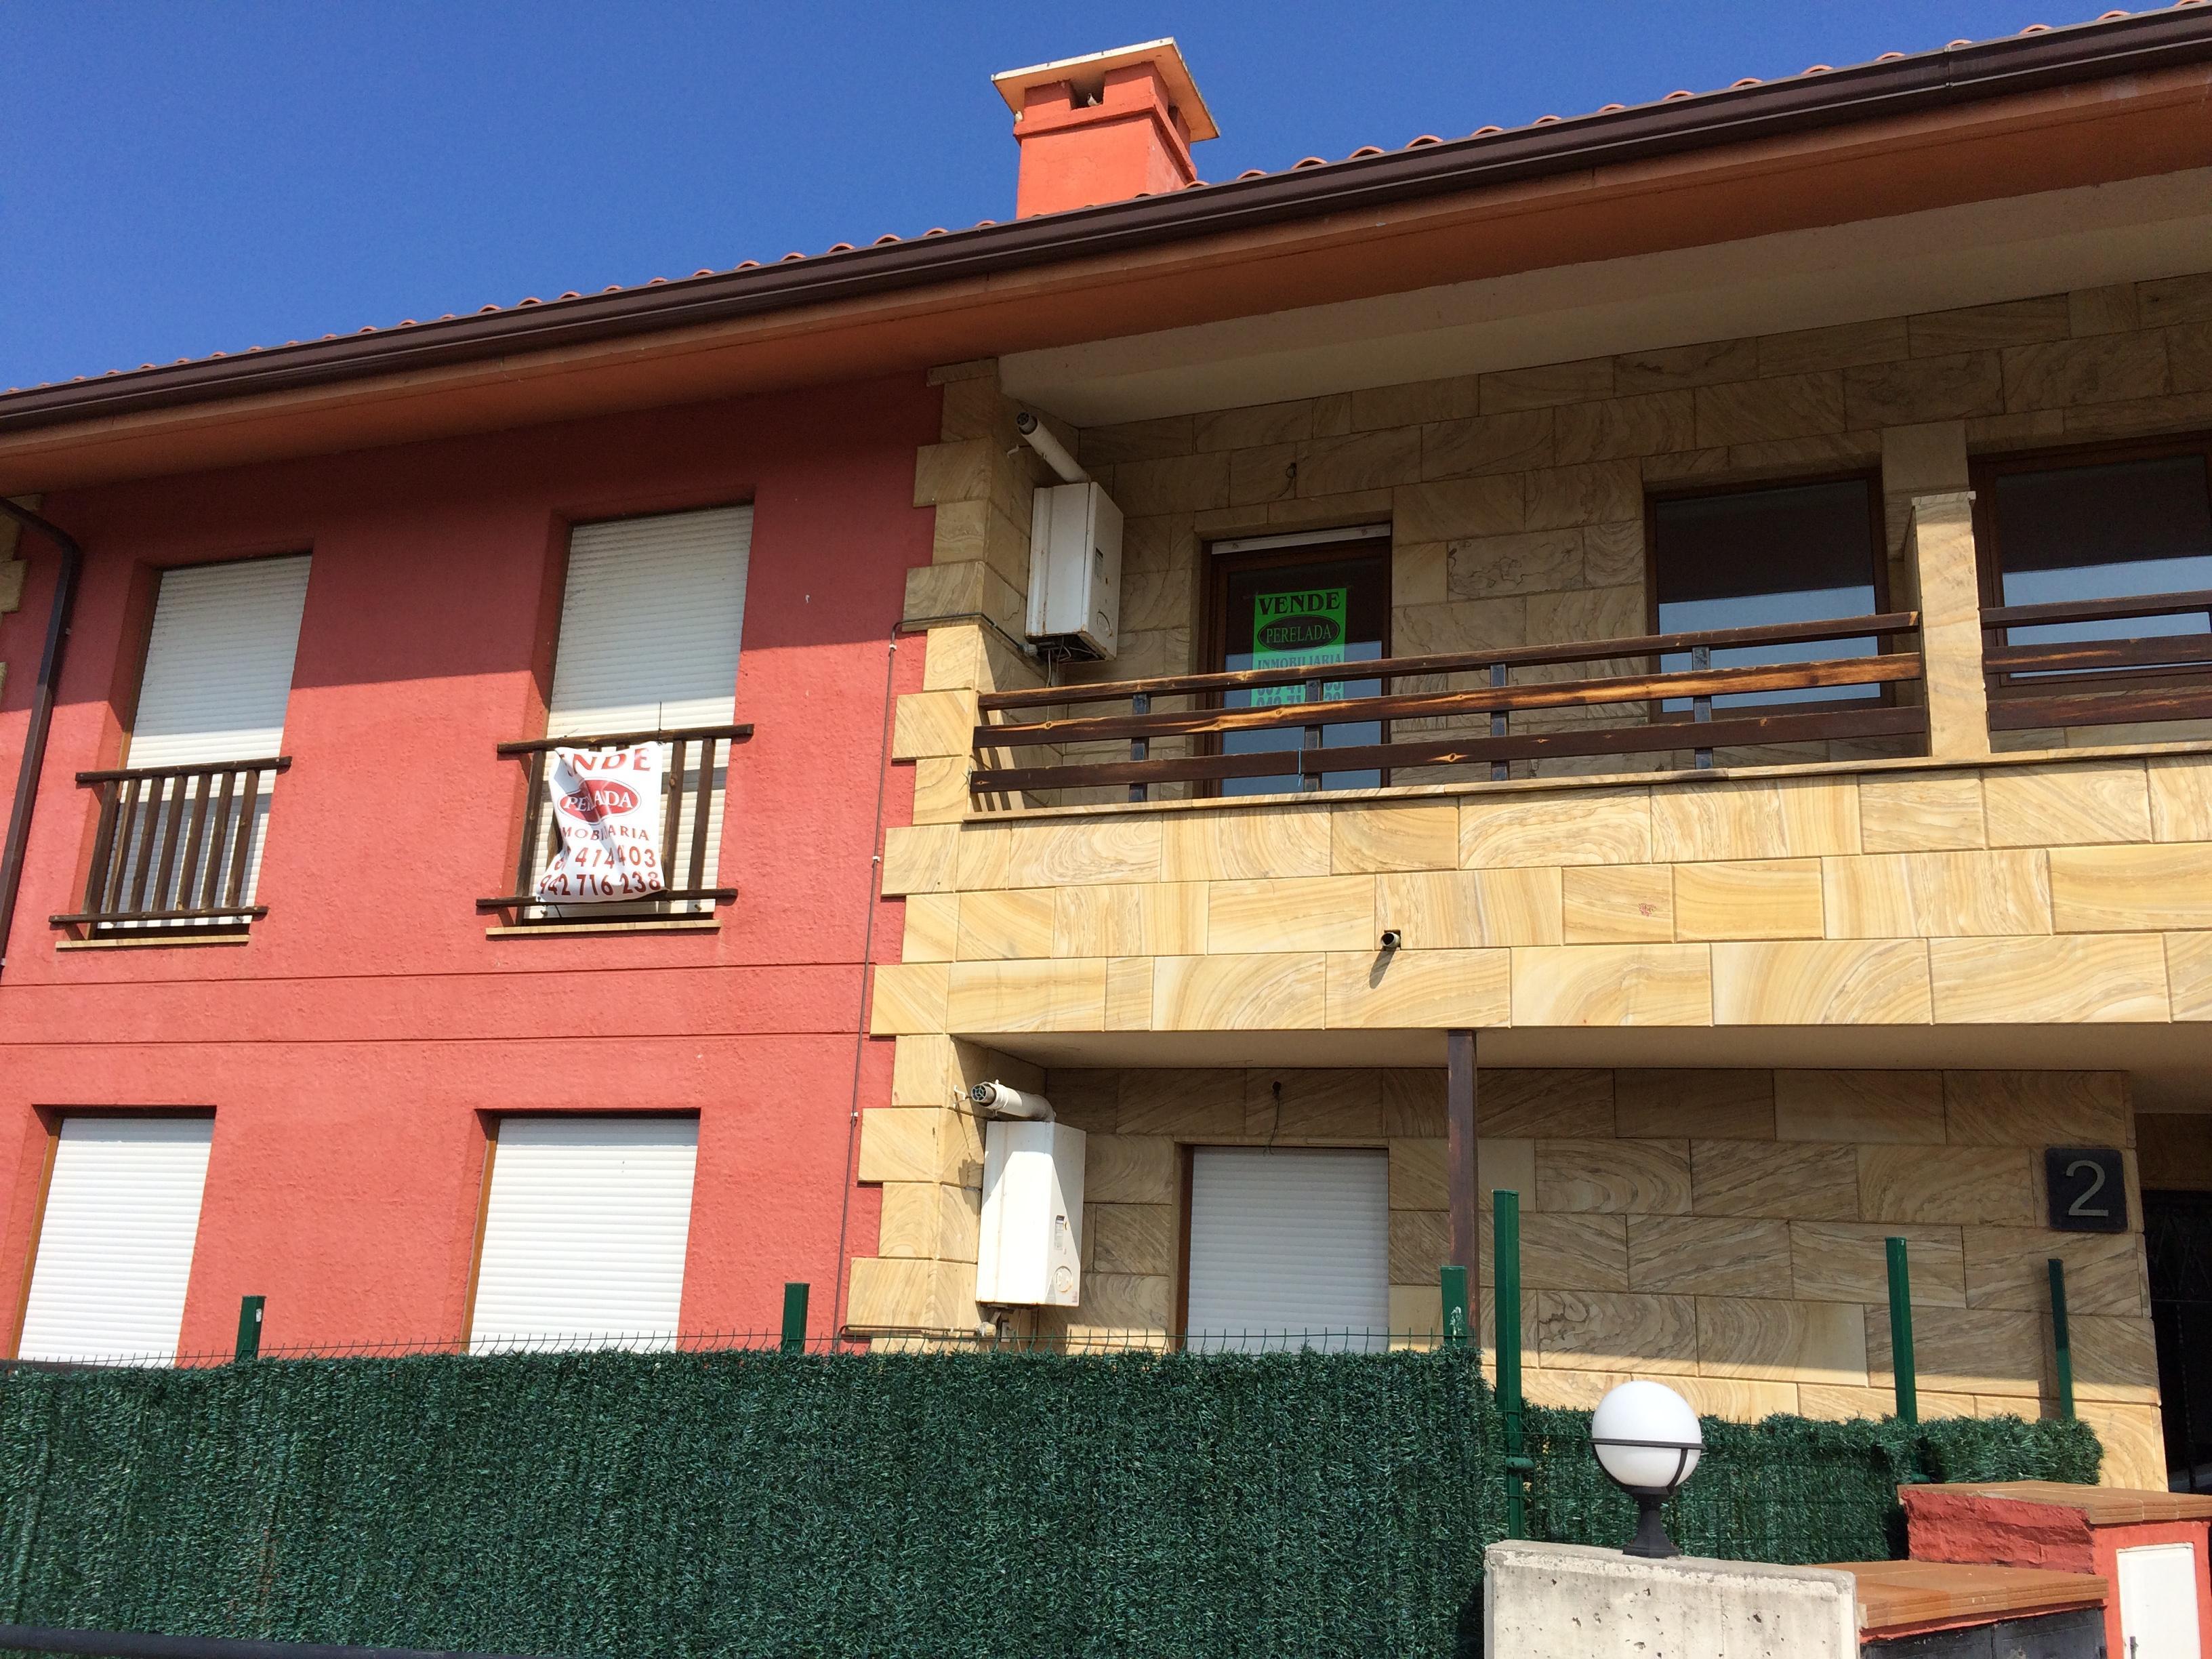 Casa en venta en Alfoz de Lloredo, Cantabria, Calle Caborredondo Sitio de Llauna, 113.000 €, 2 habitaciones, 1 baño, 74 m2